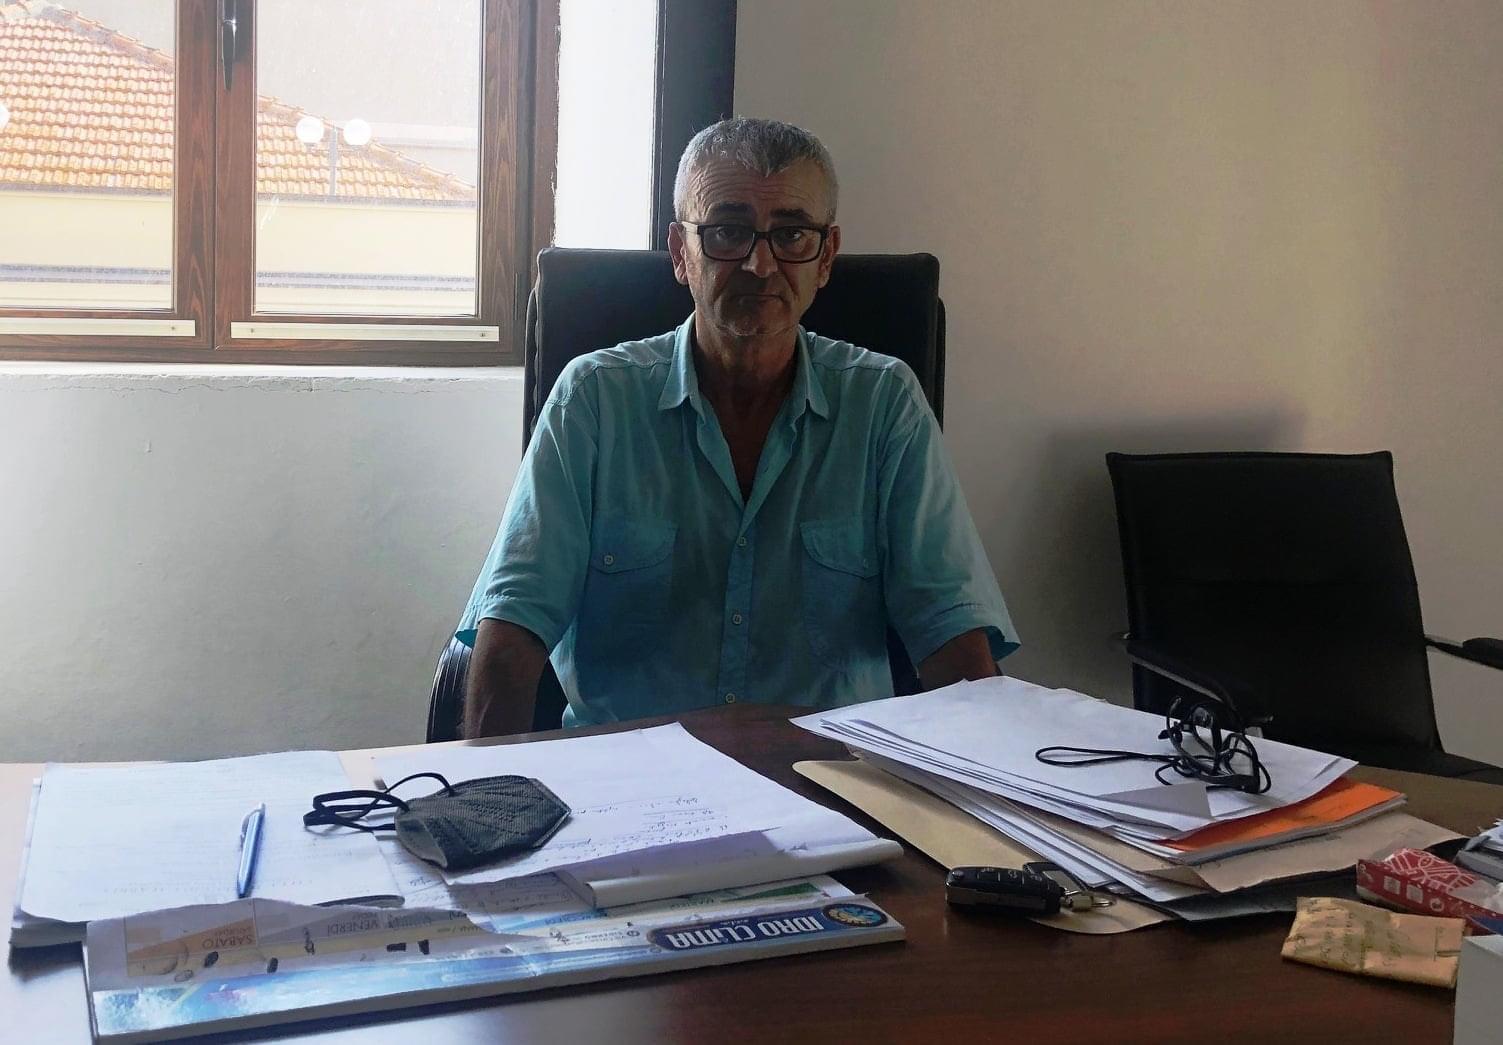 E' arrivato a Siderno Antonio Cogliandro. NUOVO COMANDANTE DELLA POLIZIA LOCALE